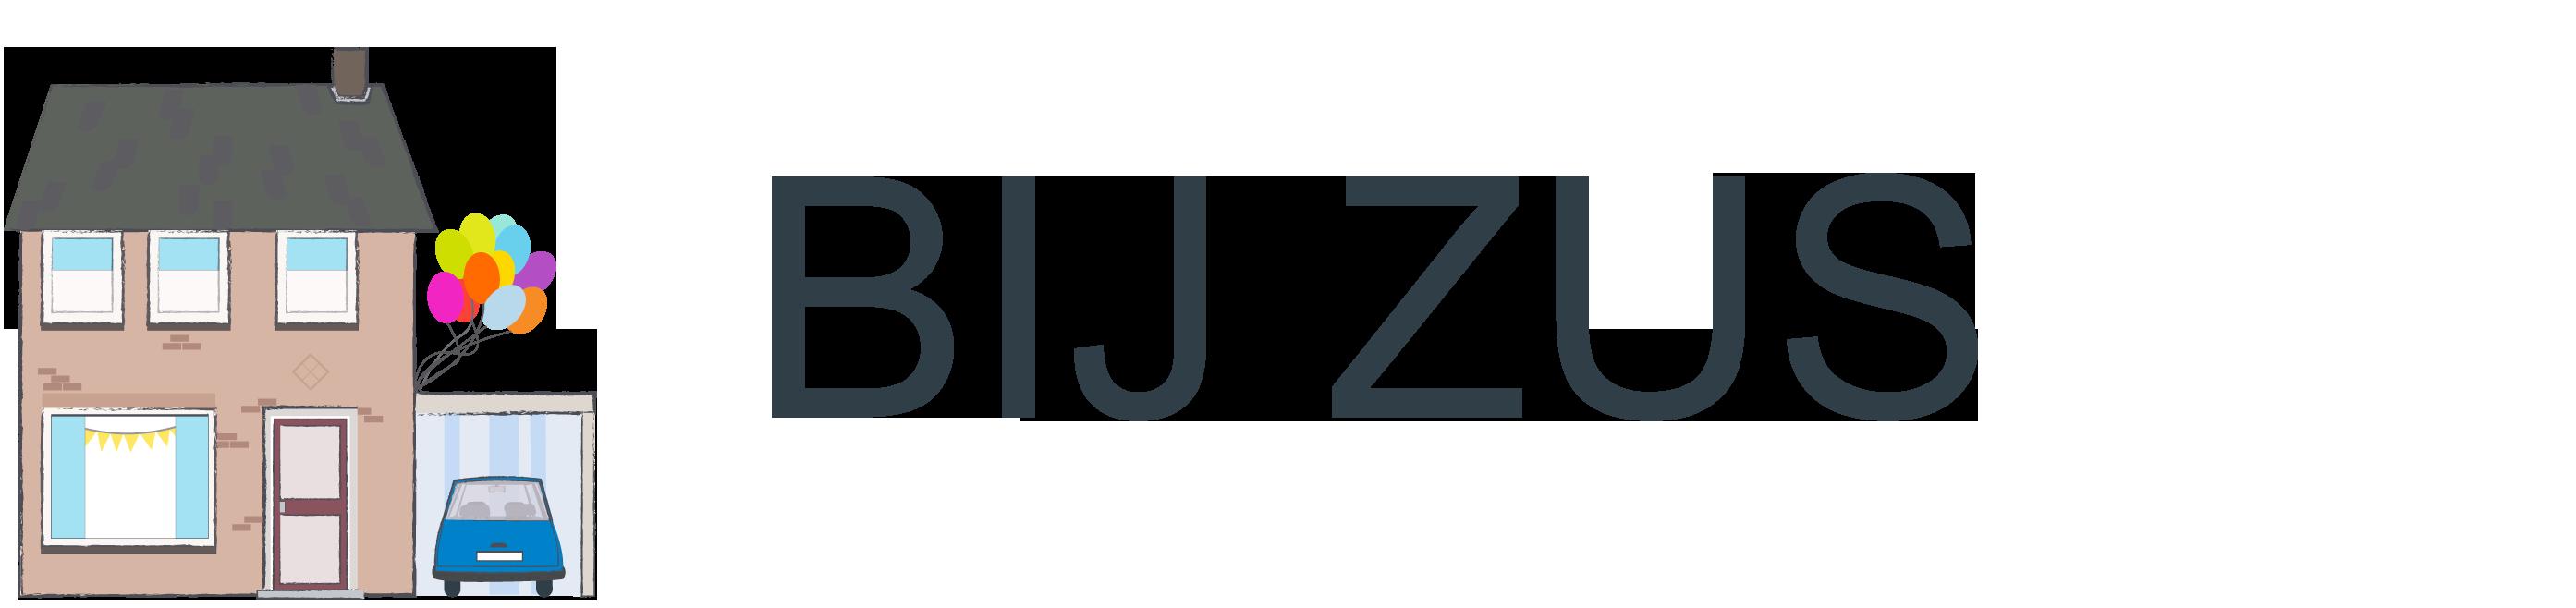 Bij Zus